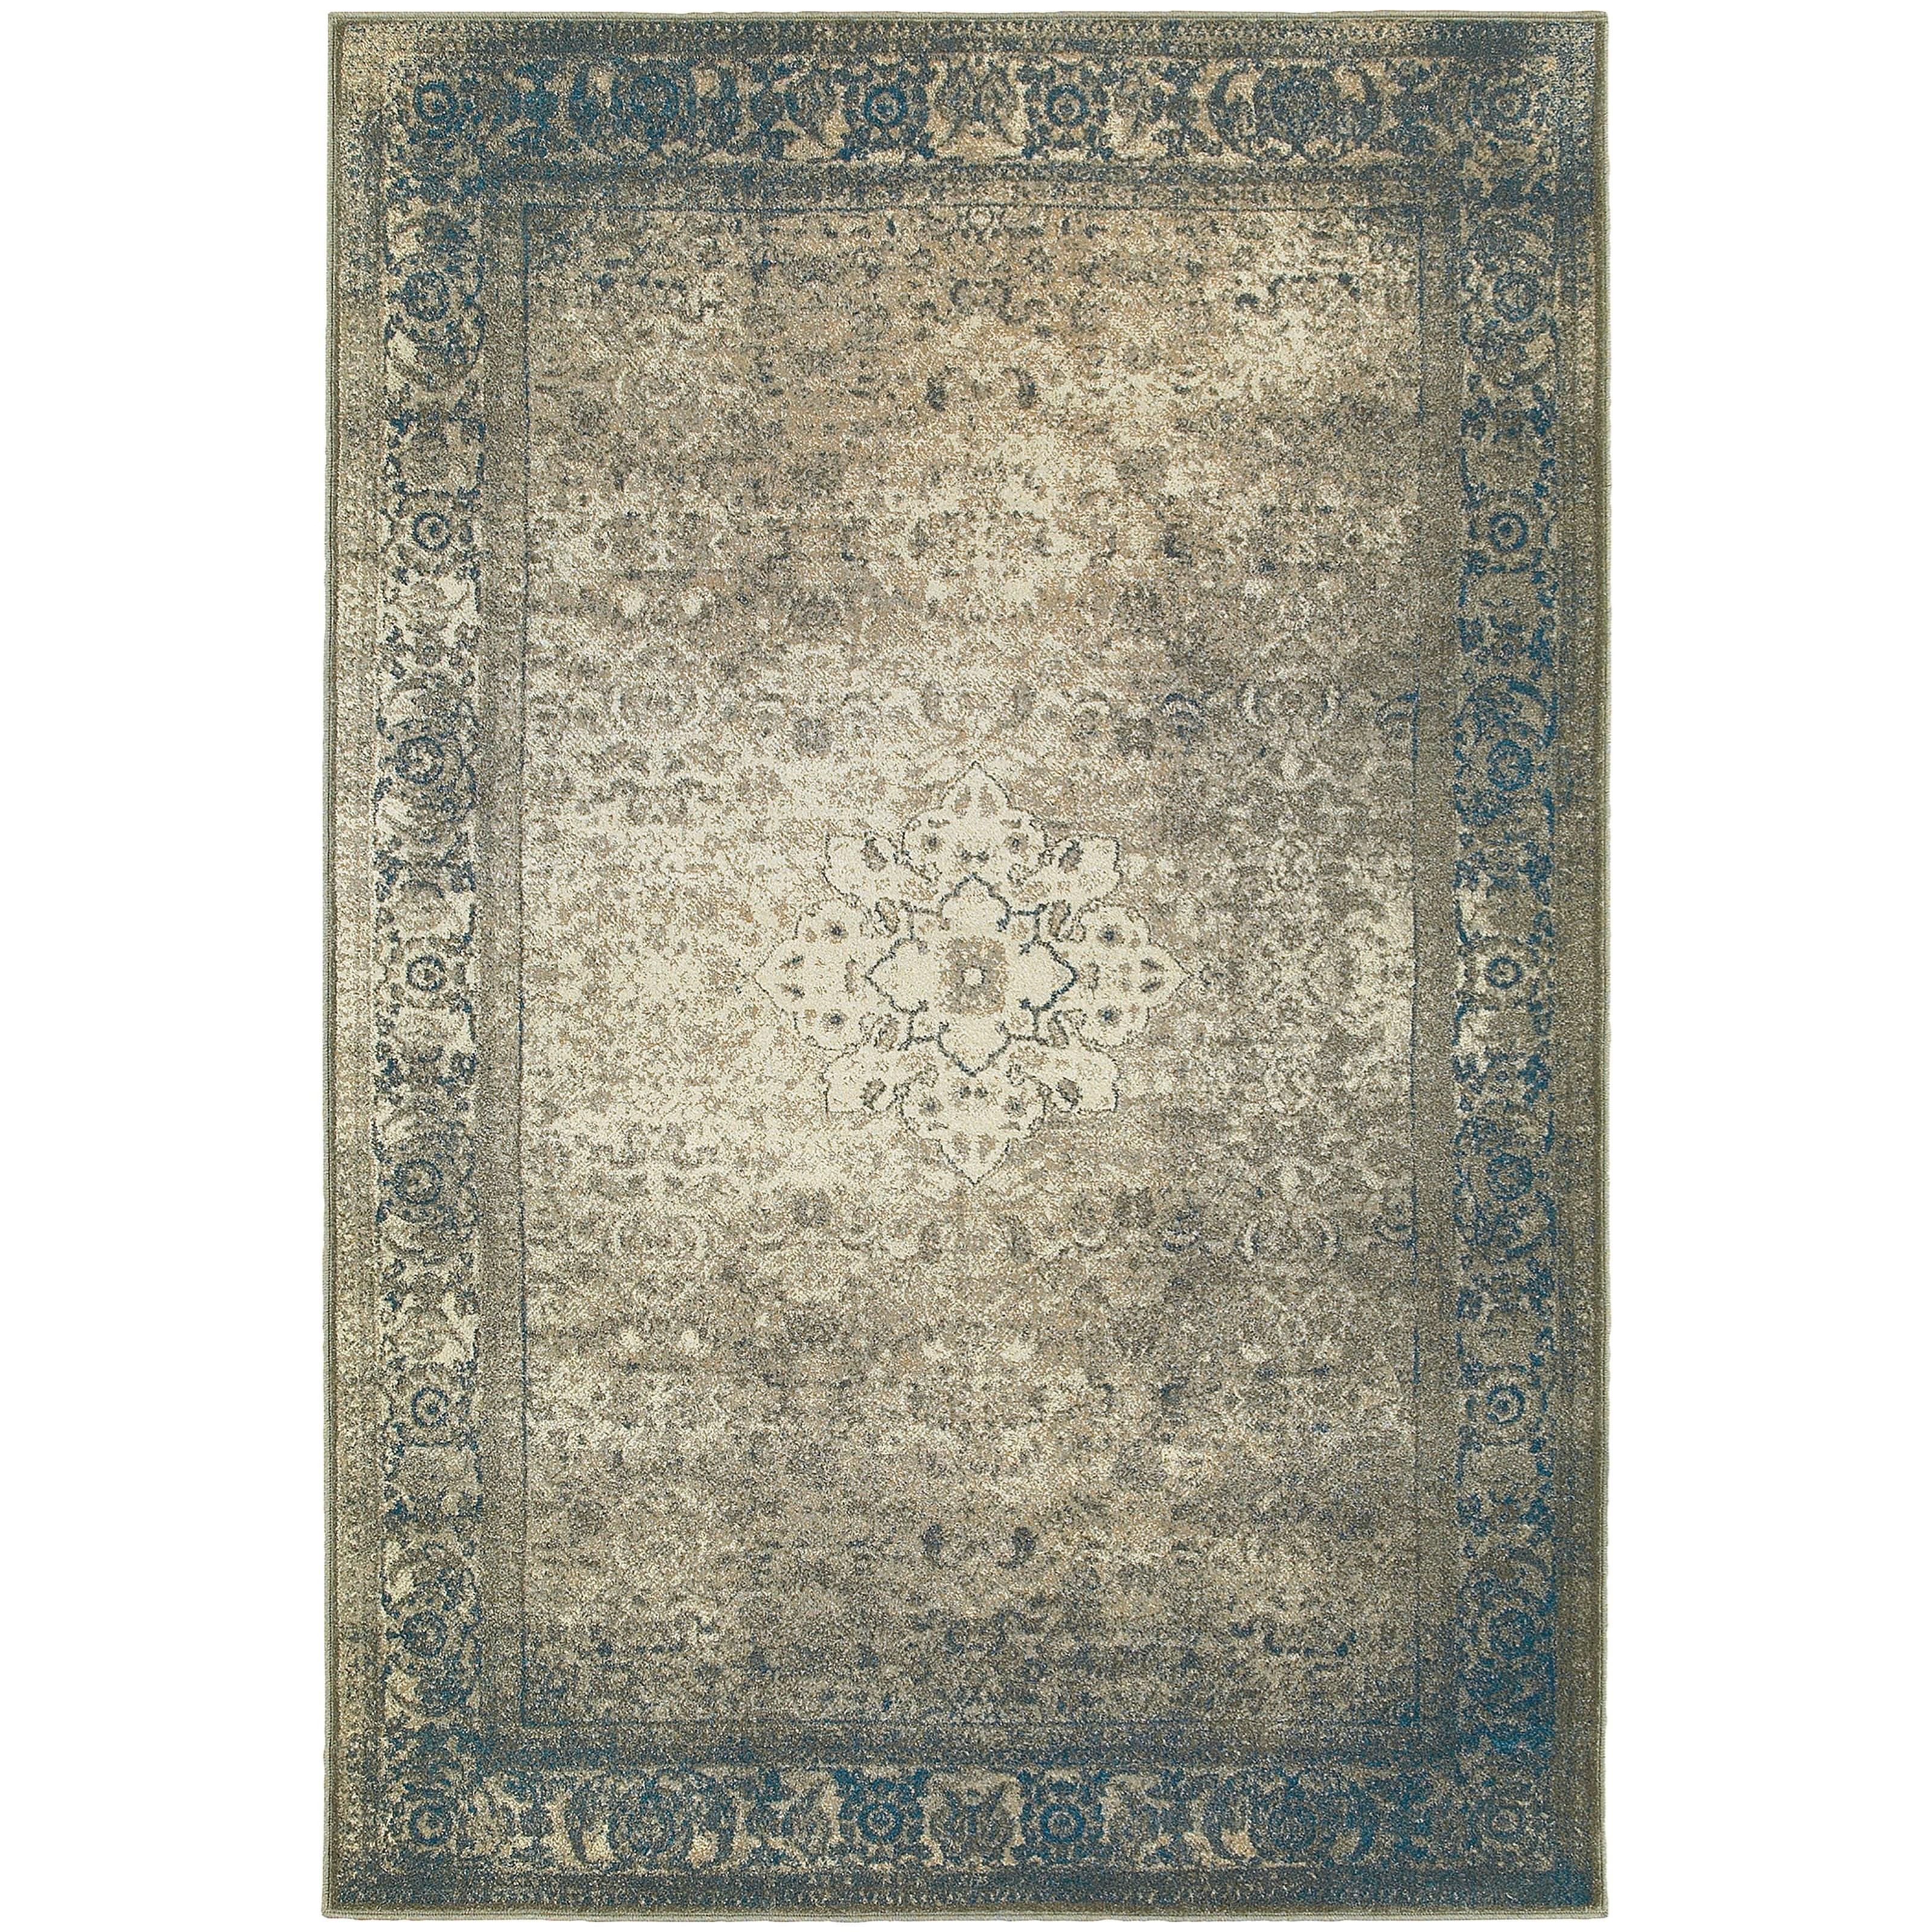 Oriental Weavers Pasha Pas1330e23x76 2 3 Quot X 7 6 Quot Rug